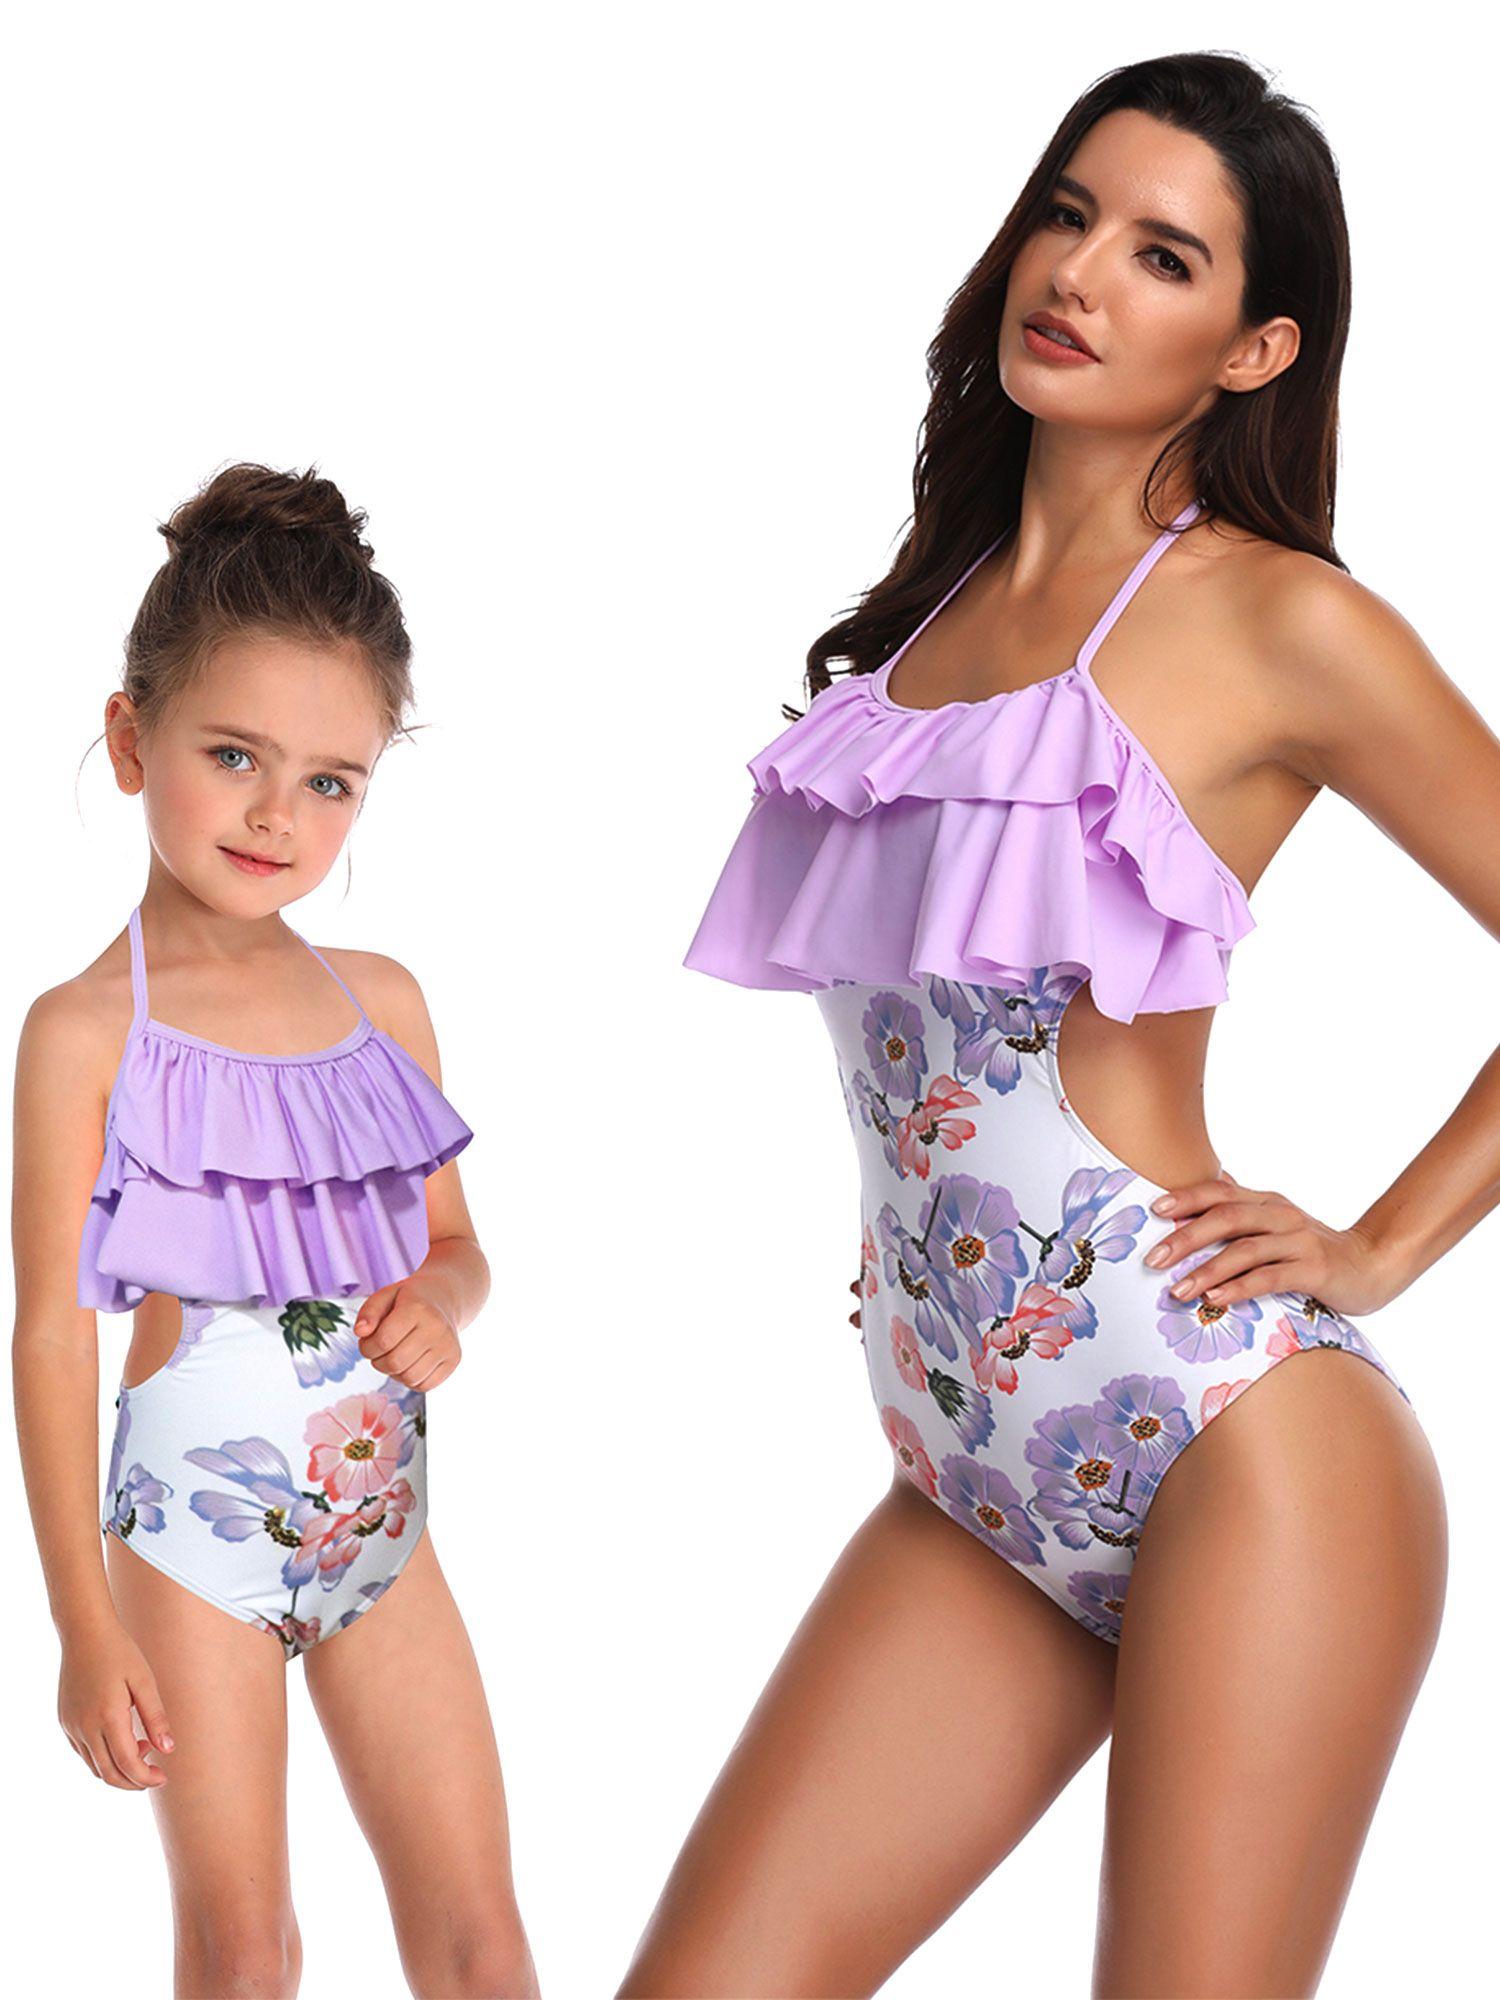 Muslimische Bikini Bademode Für Frauen Und Mädchen Schwimmanzug Swimwear Beach